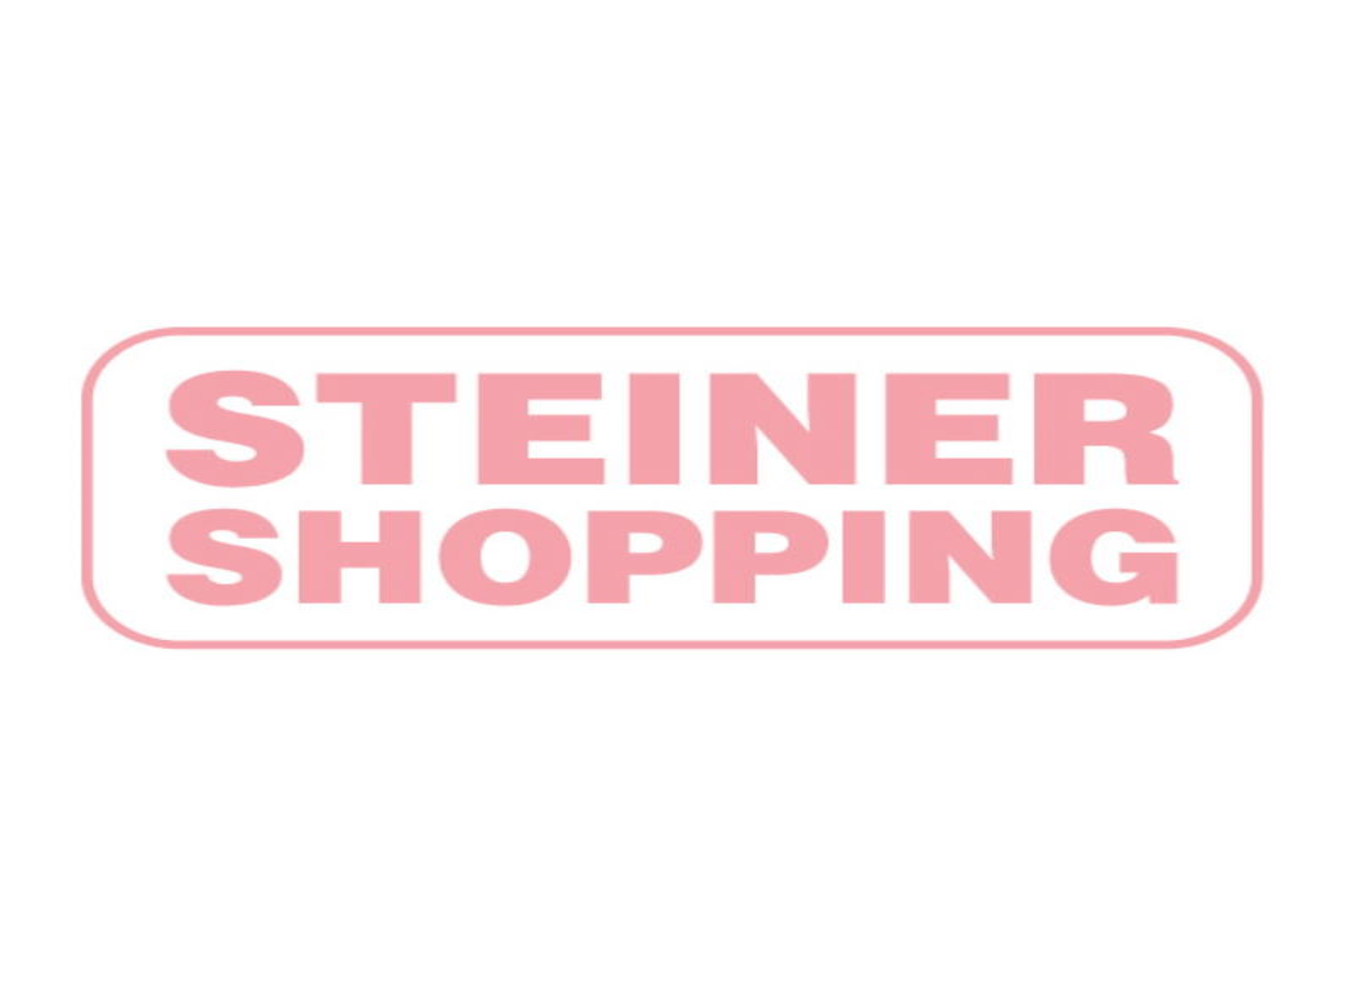 Babybett / Gitterbett Maipu 02, Farbe: Weiß - Liegefläche: 60 x 120 cm (B x L)